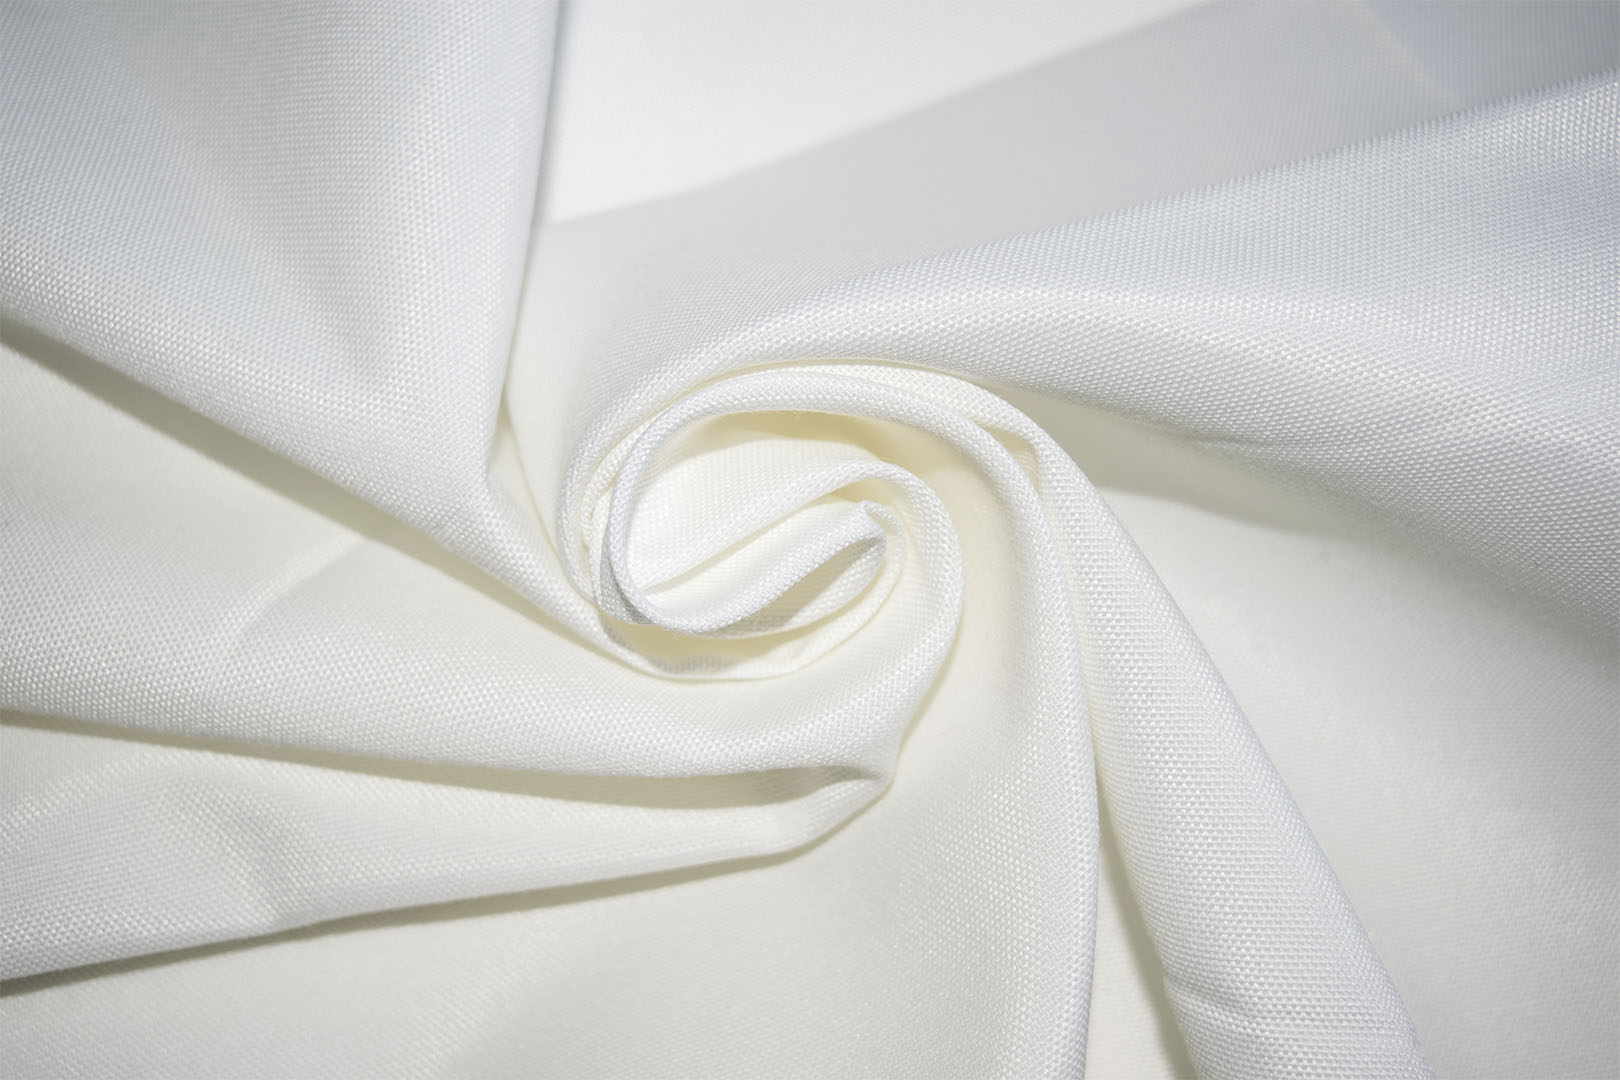 204_plainShade_white   6/6